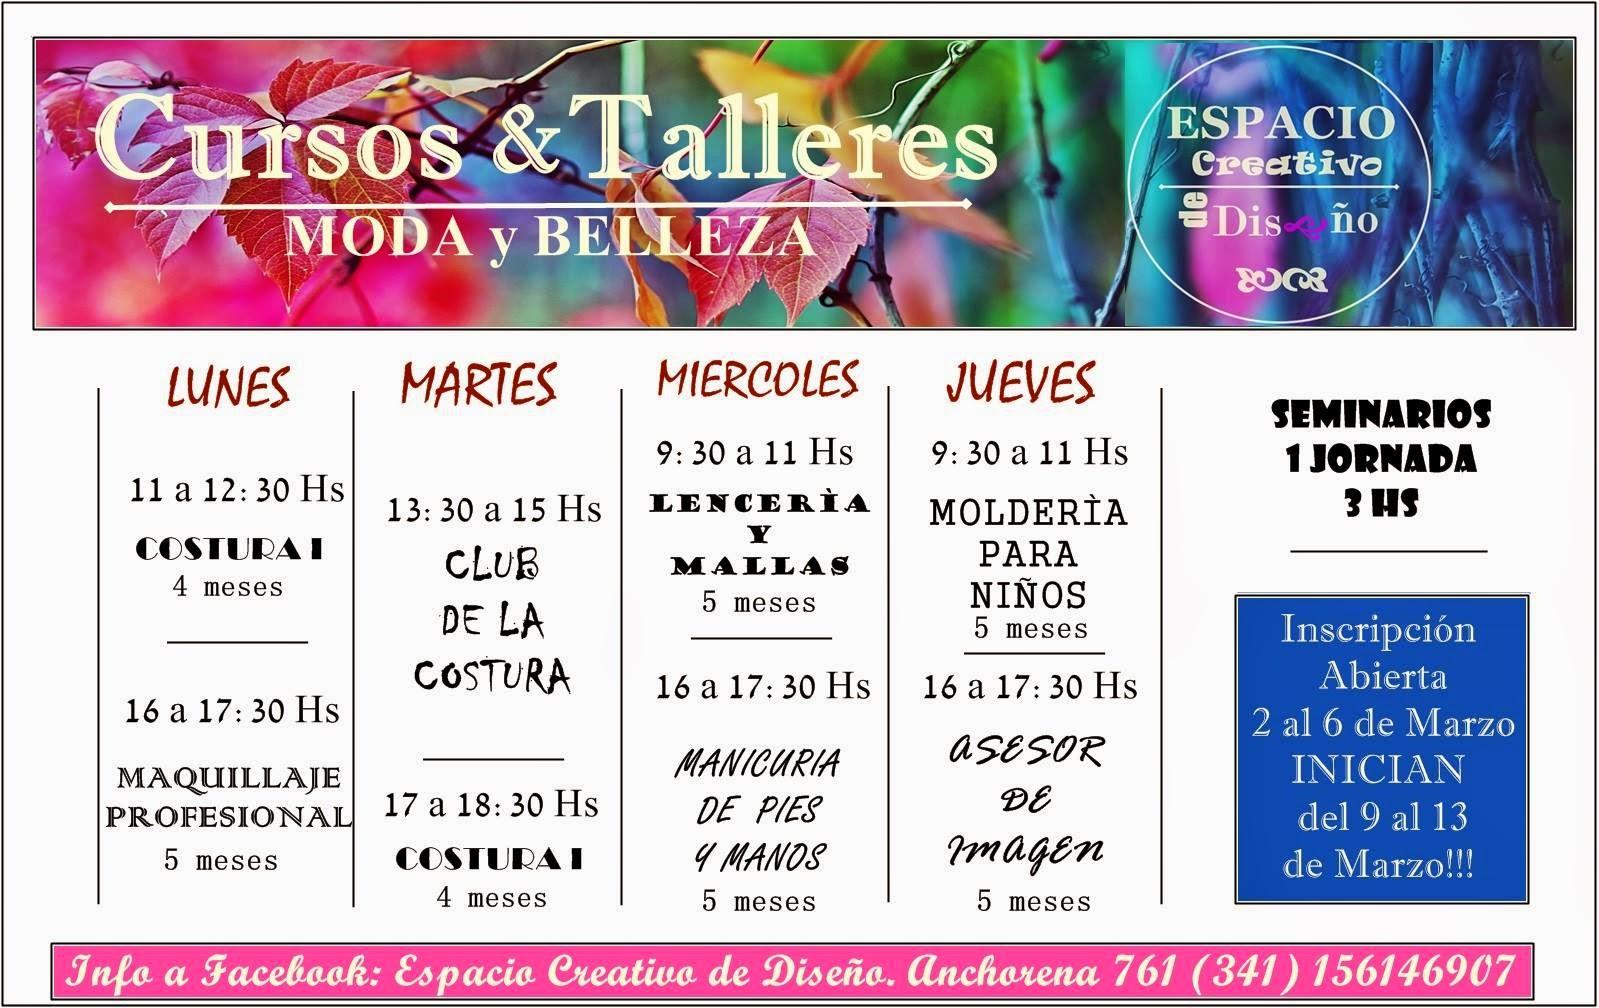 Cursos&Talleres